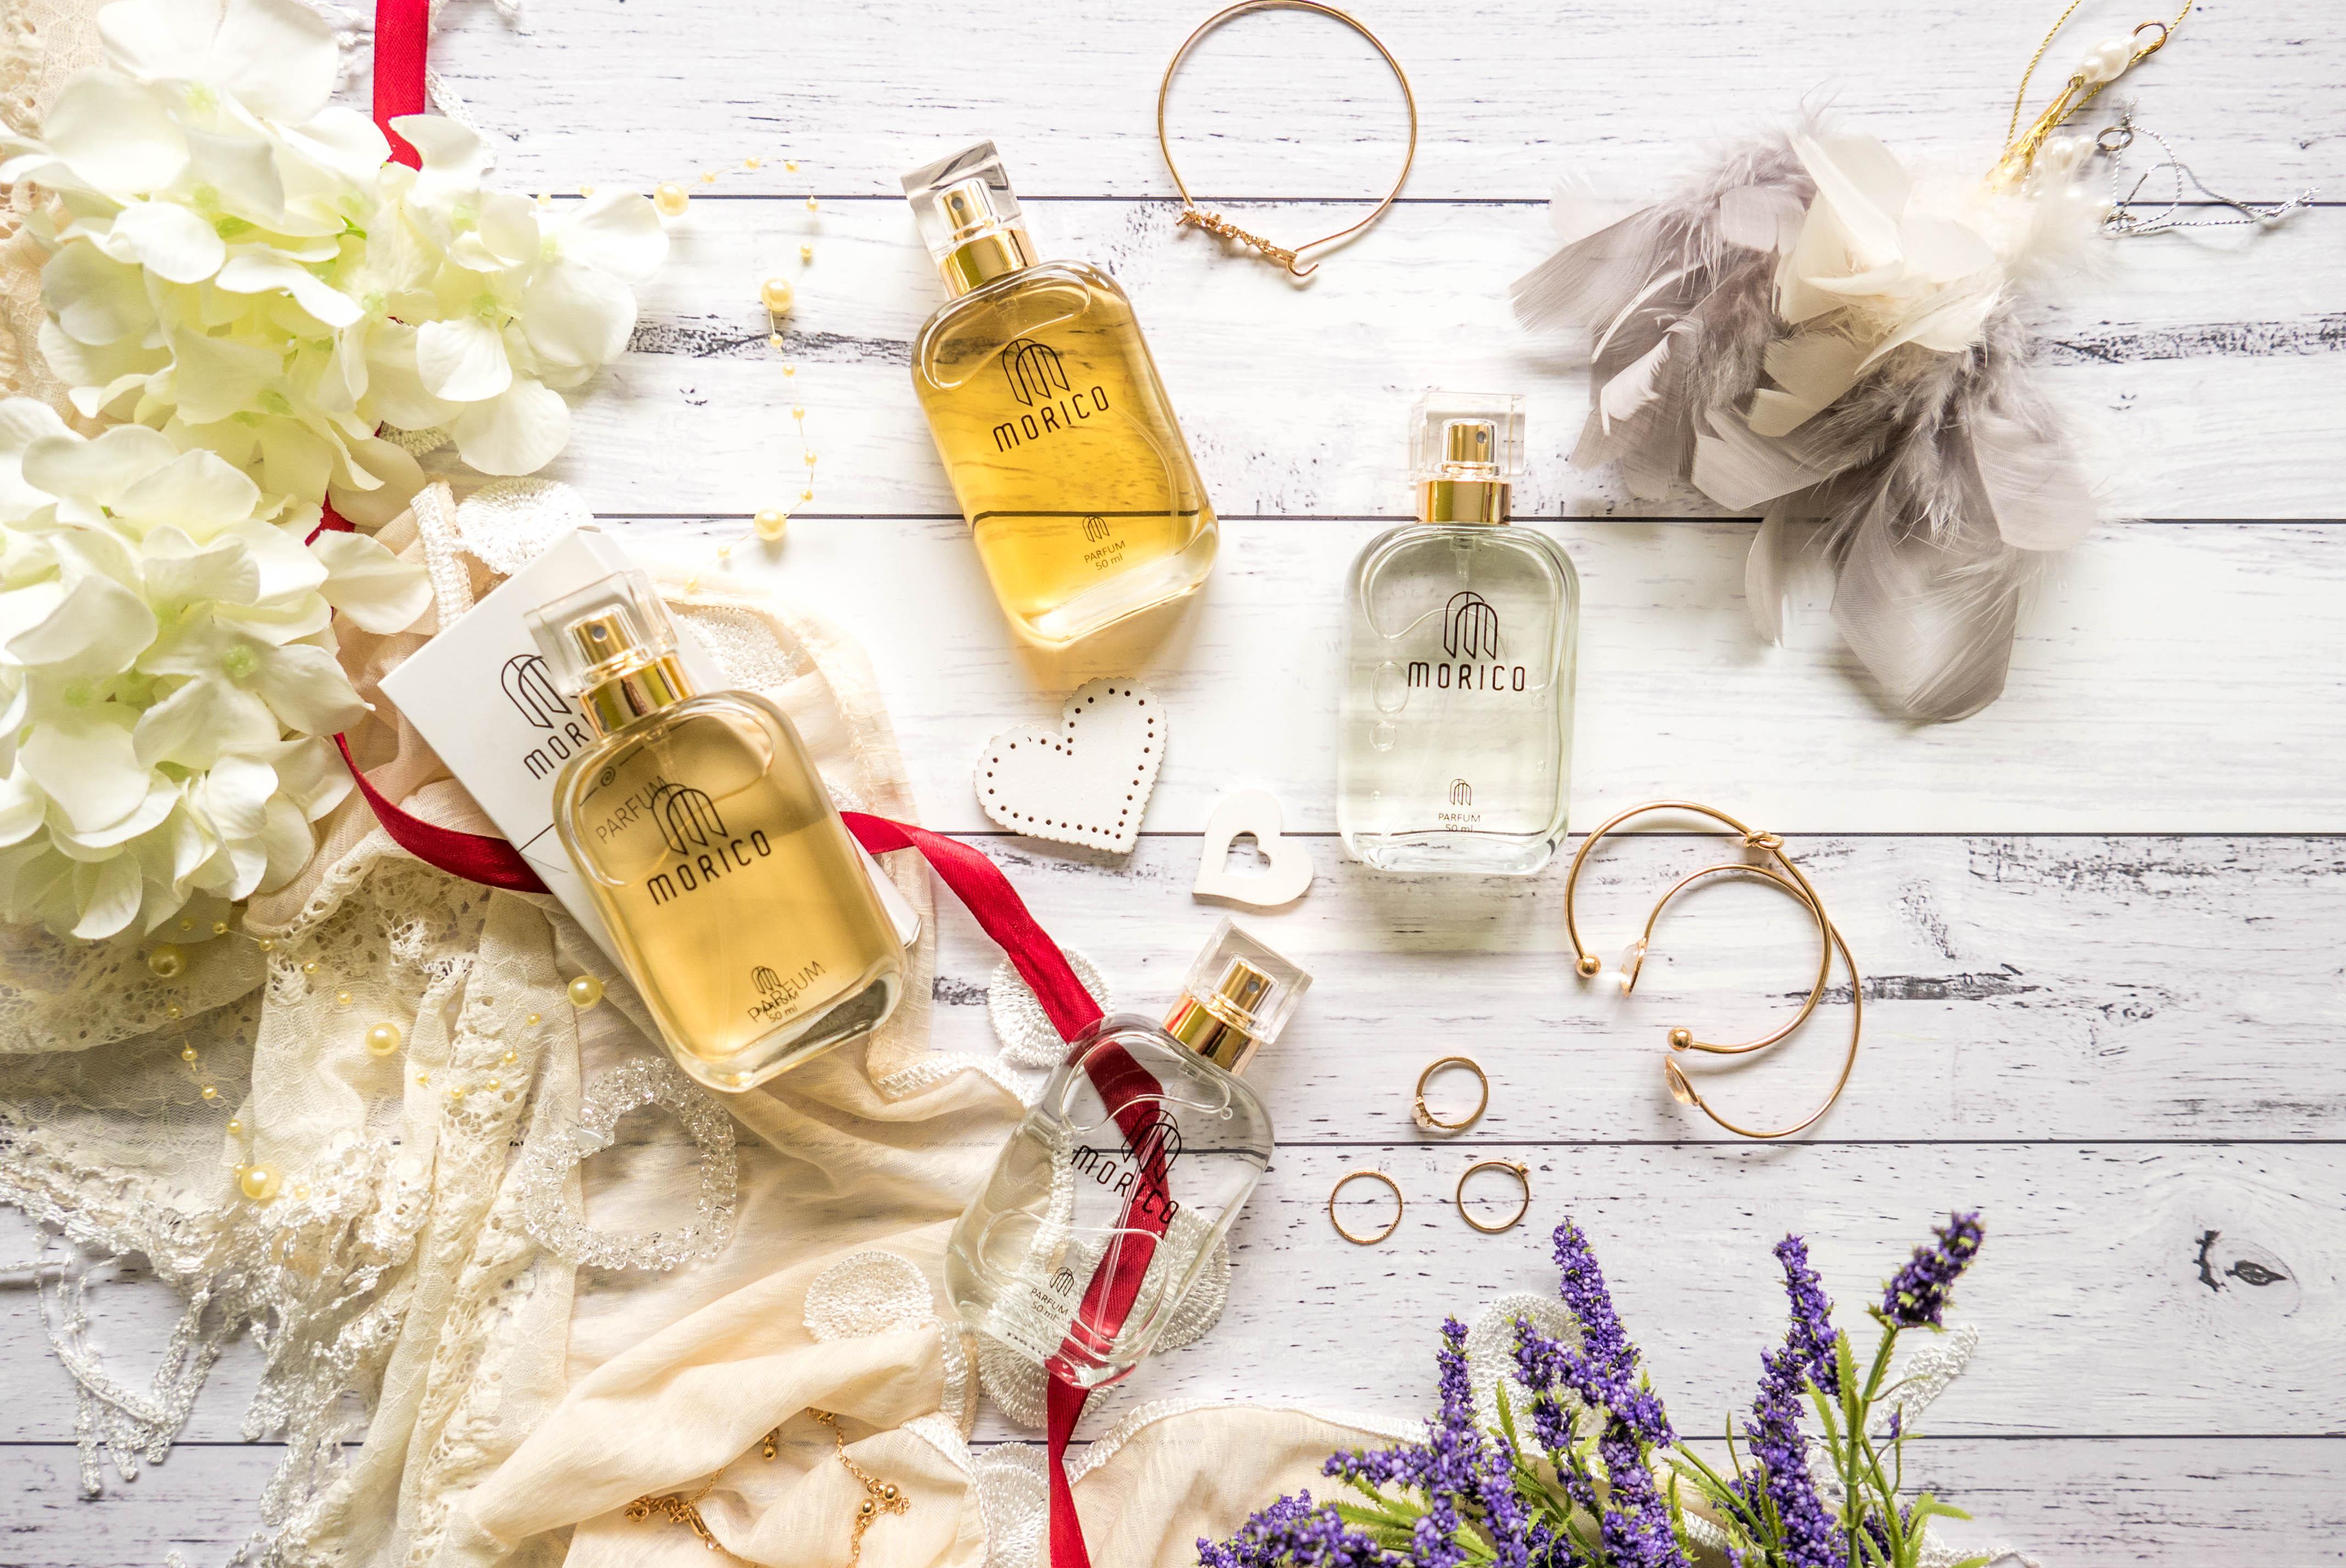 odpowiedniki perfum znanych marek